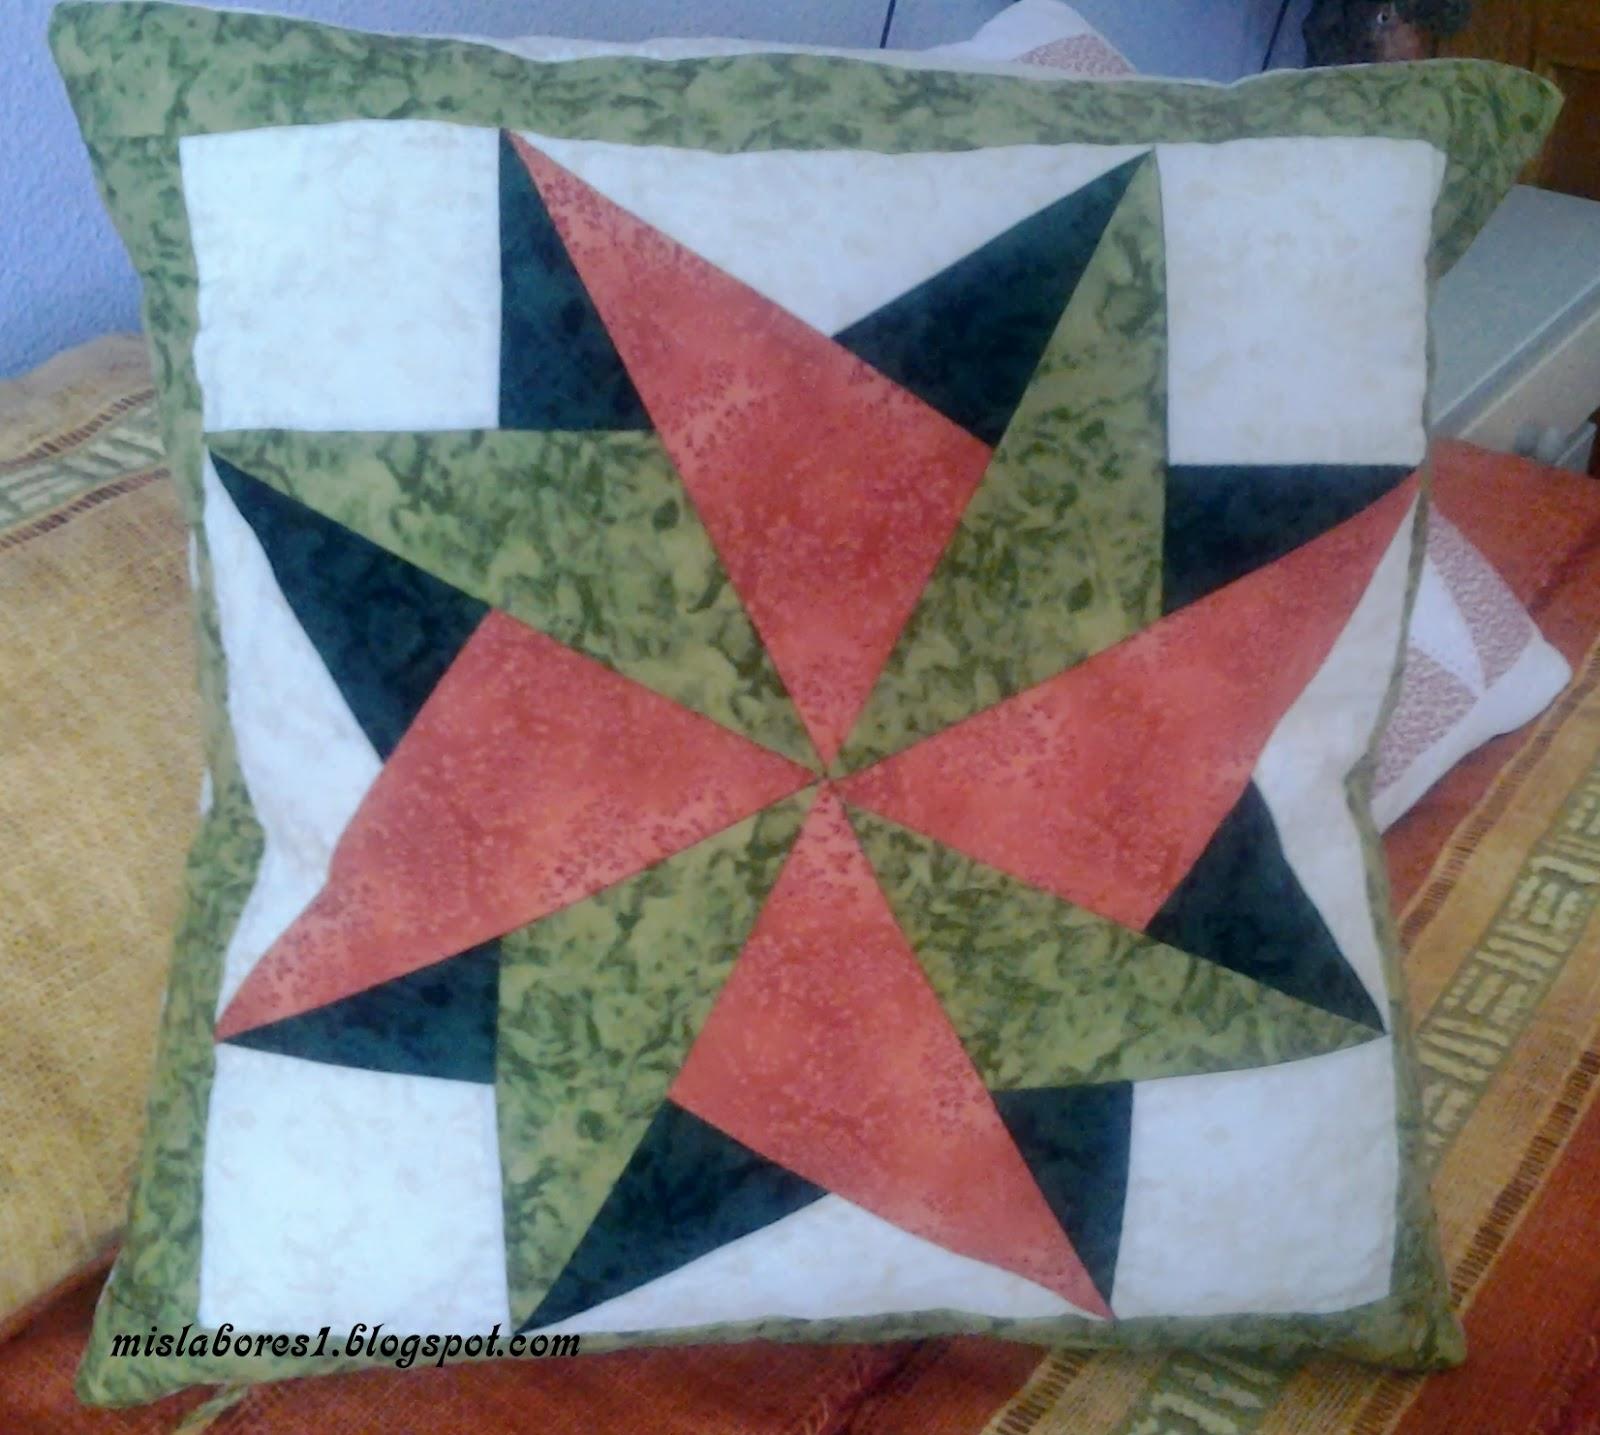 Mis labores cojines de patchwork - Cojines de patchwork ...